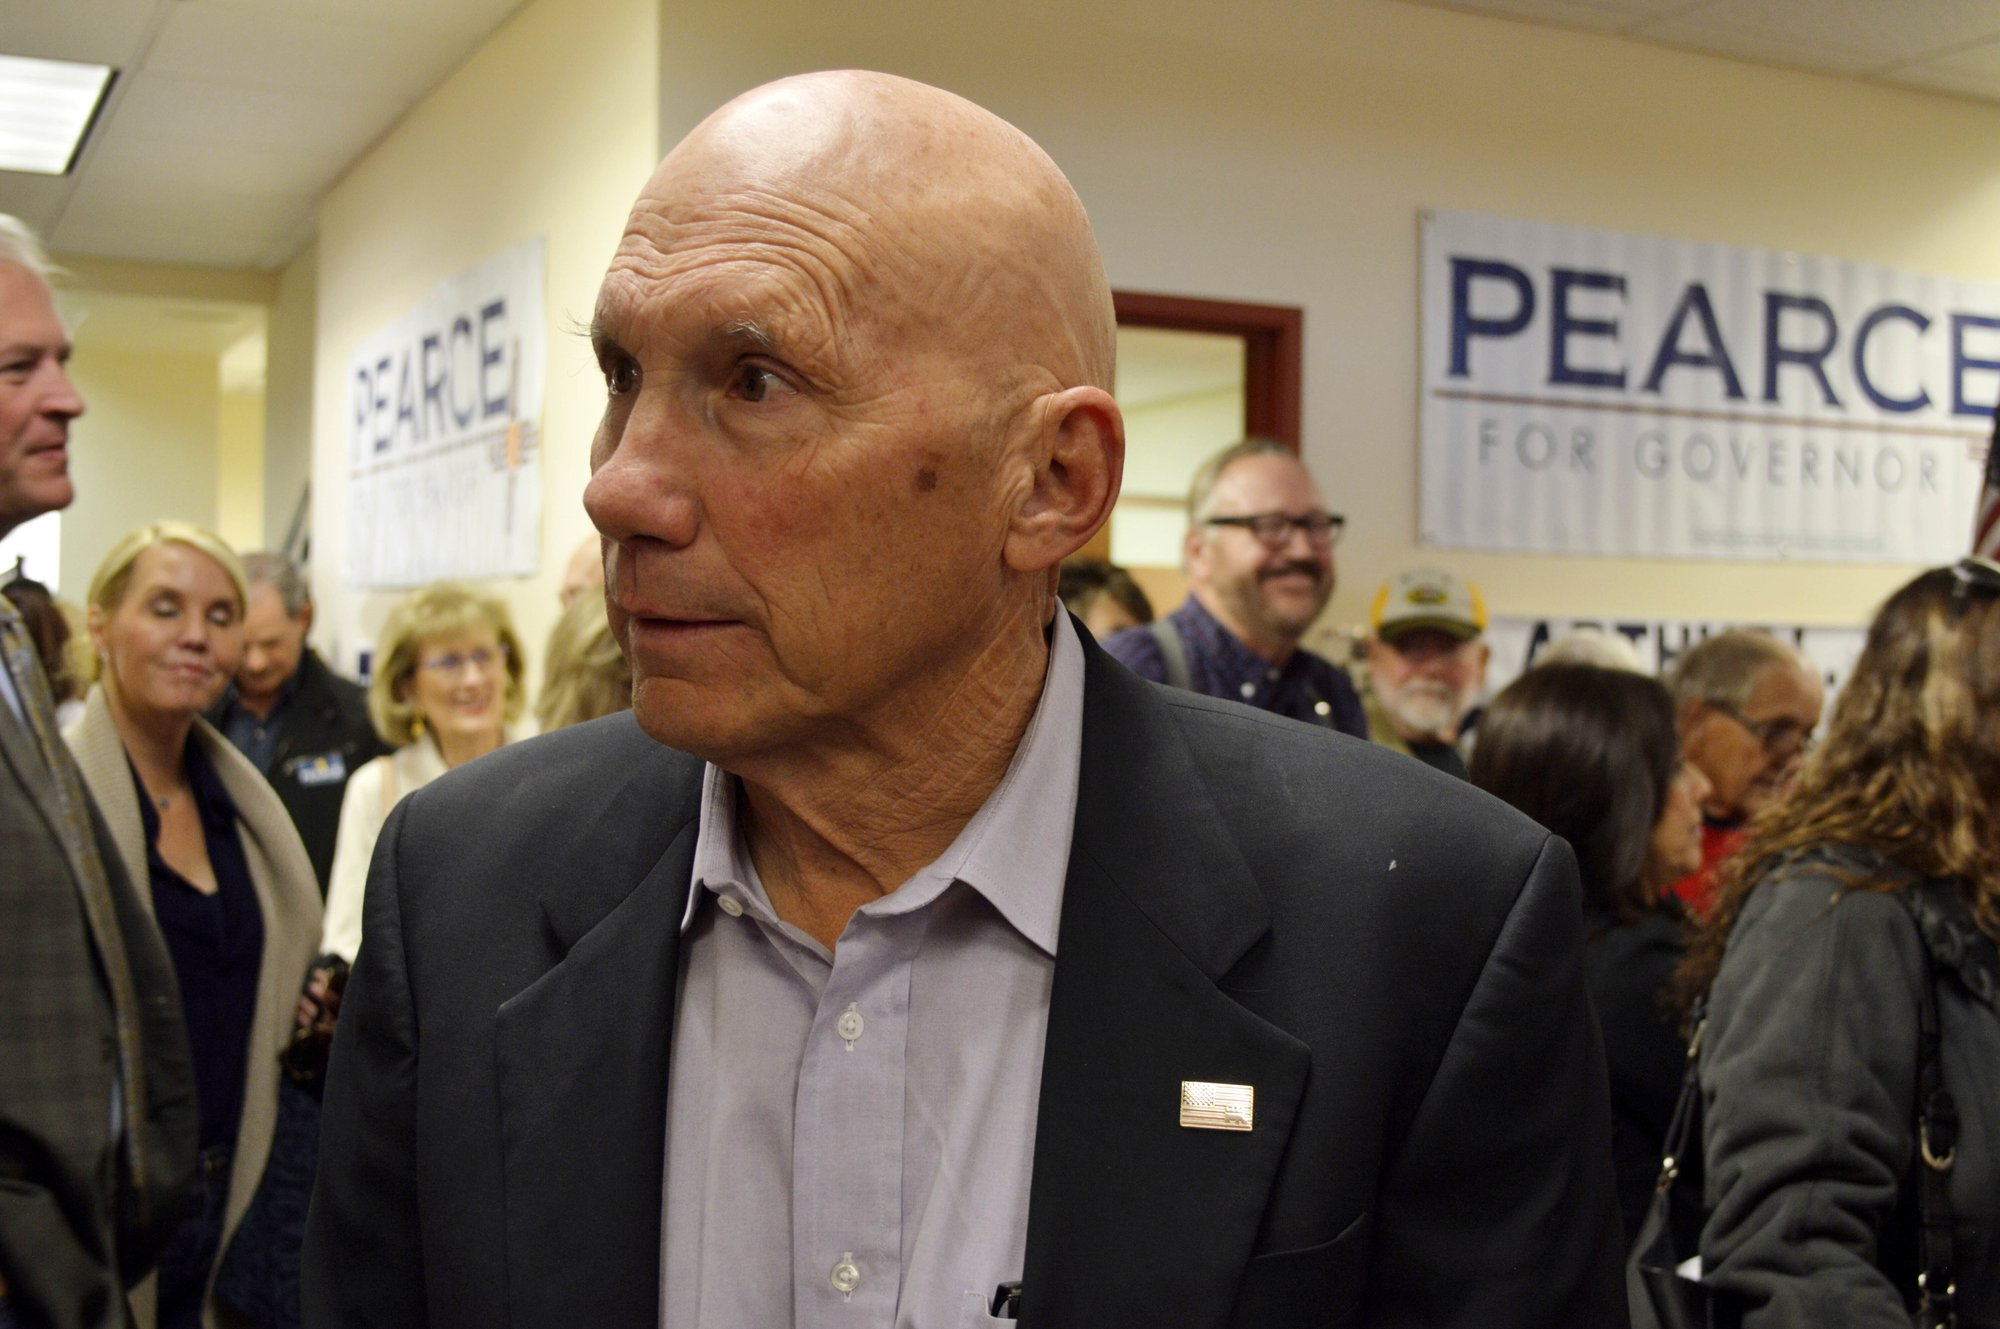 Republican businessman to run for US Senate in New Mexico